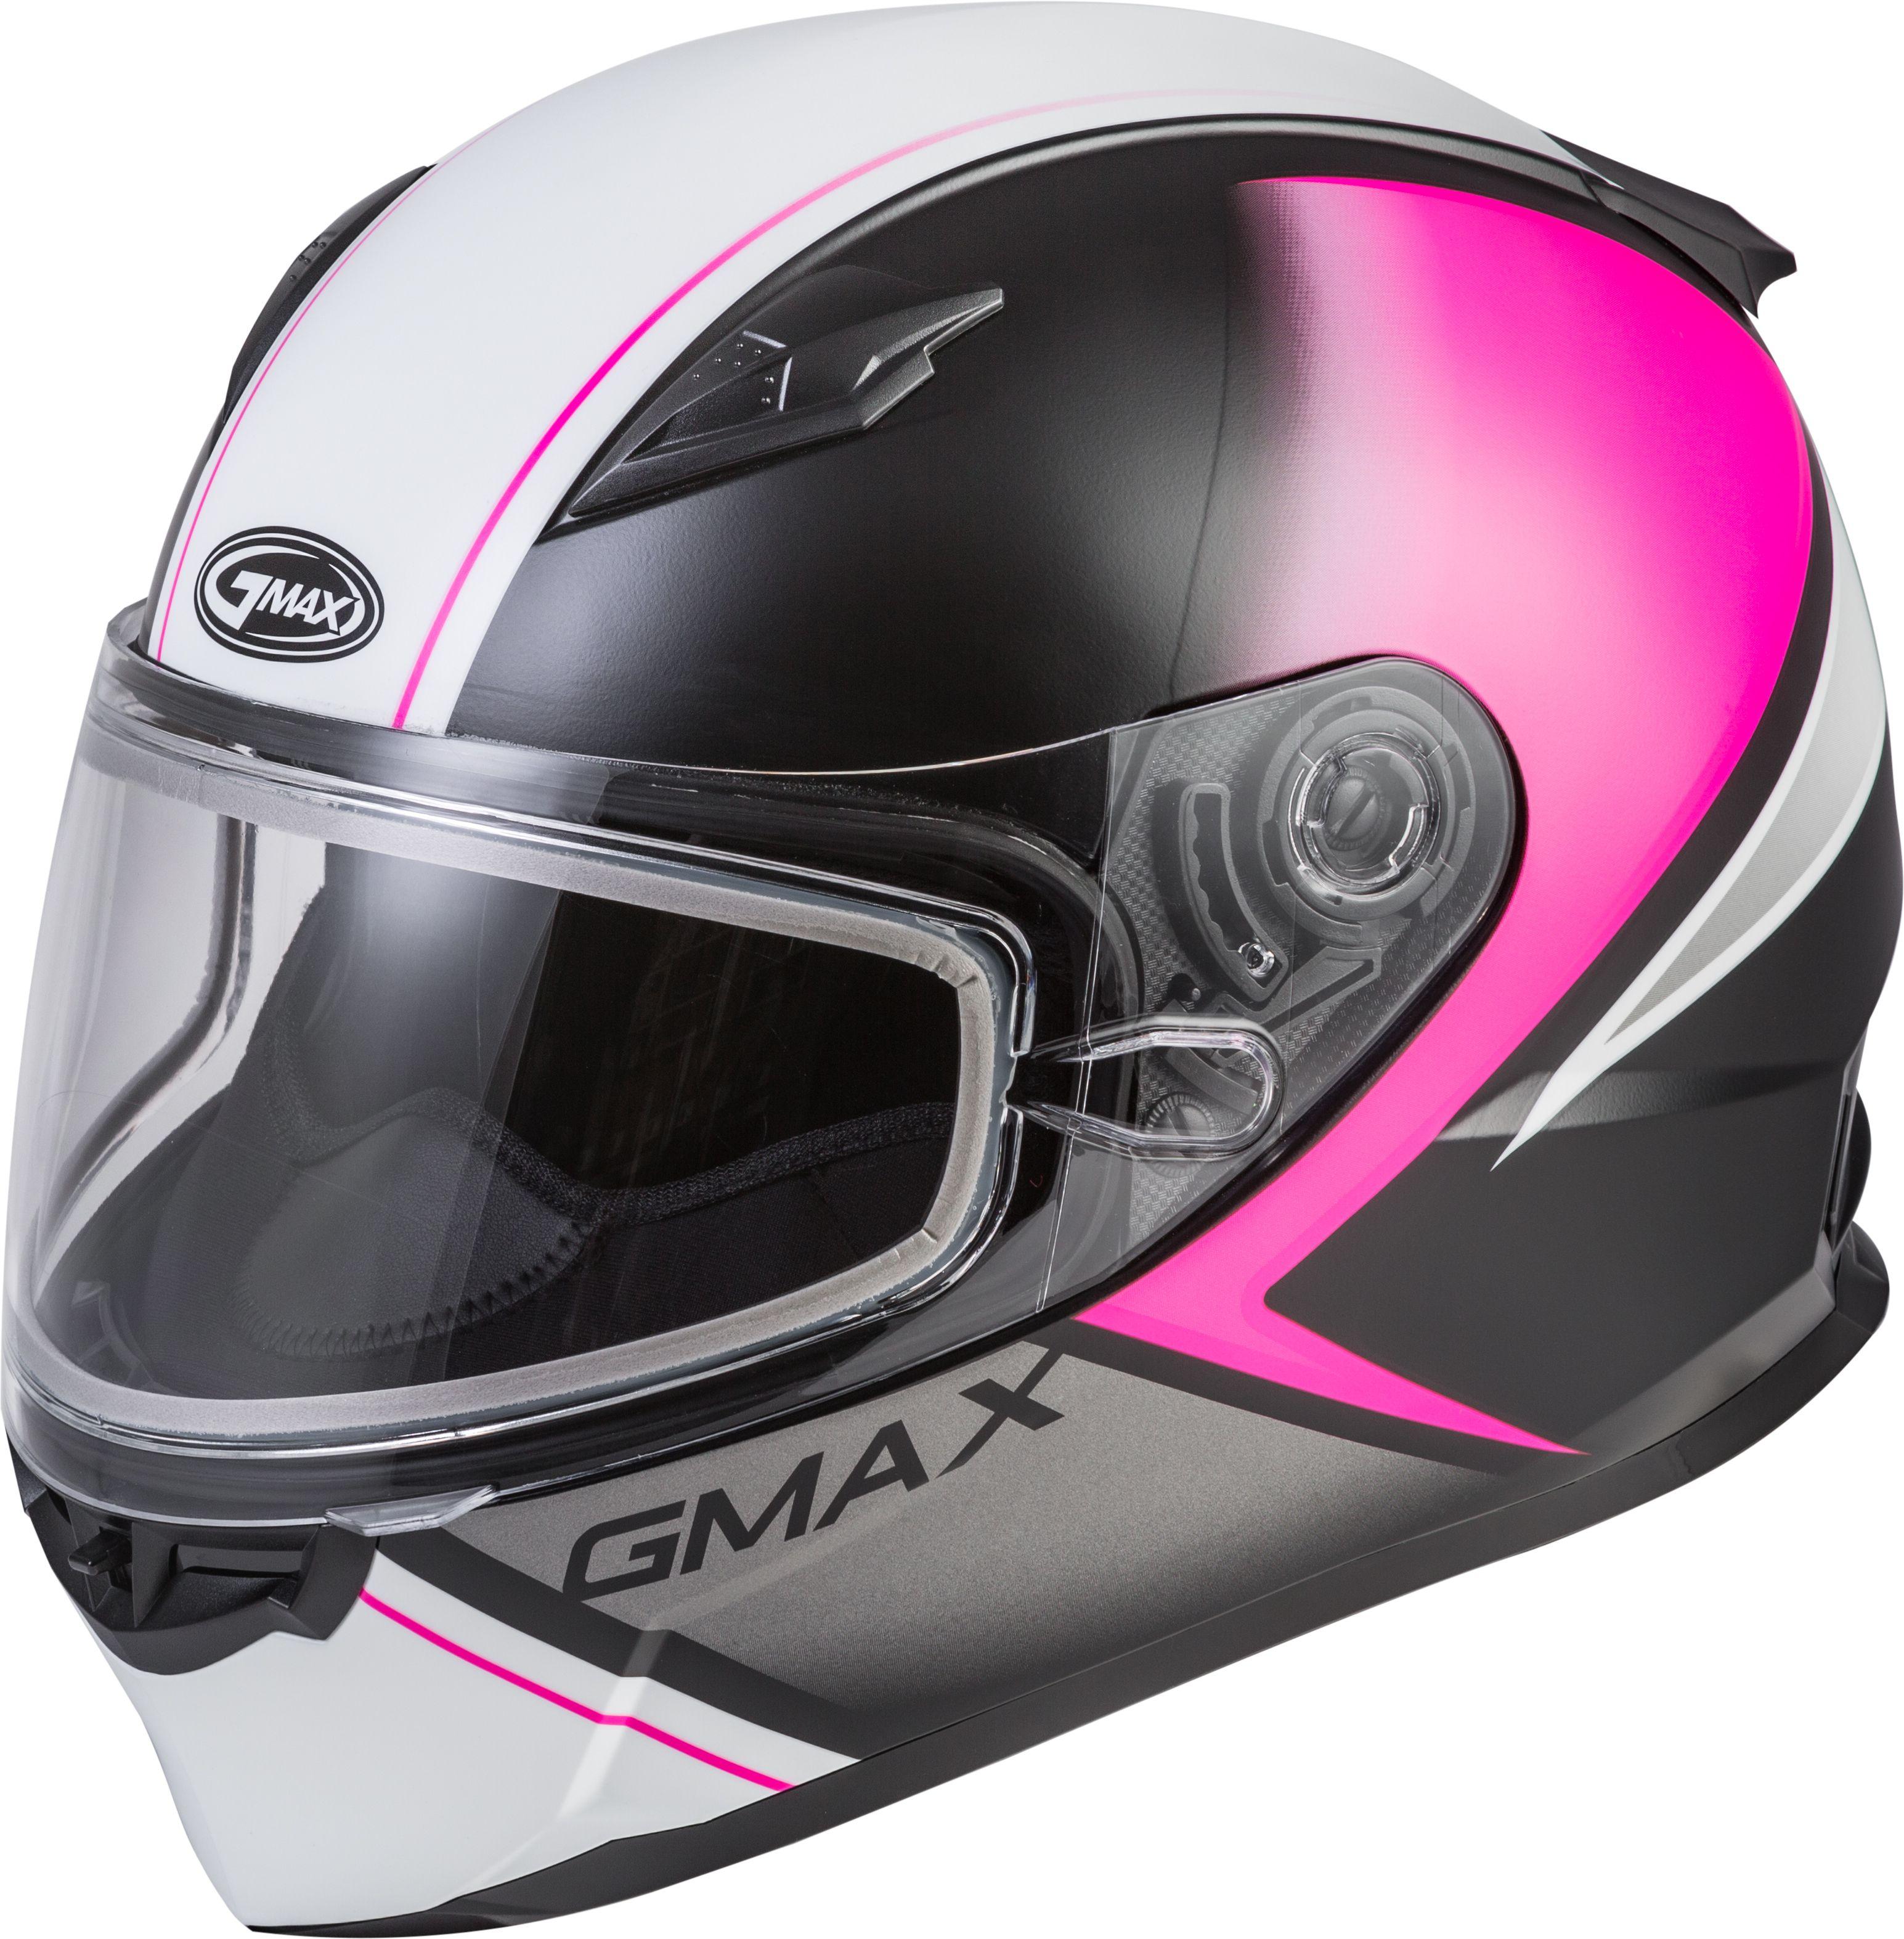 GMAX Wireless LED Brake Light Kit for GM68 and GM27 Helmets